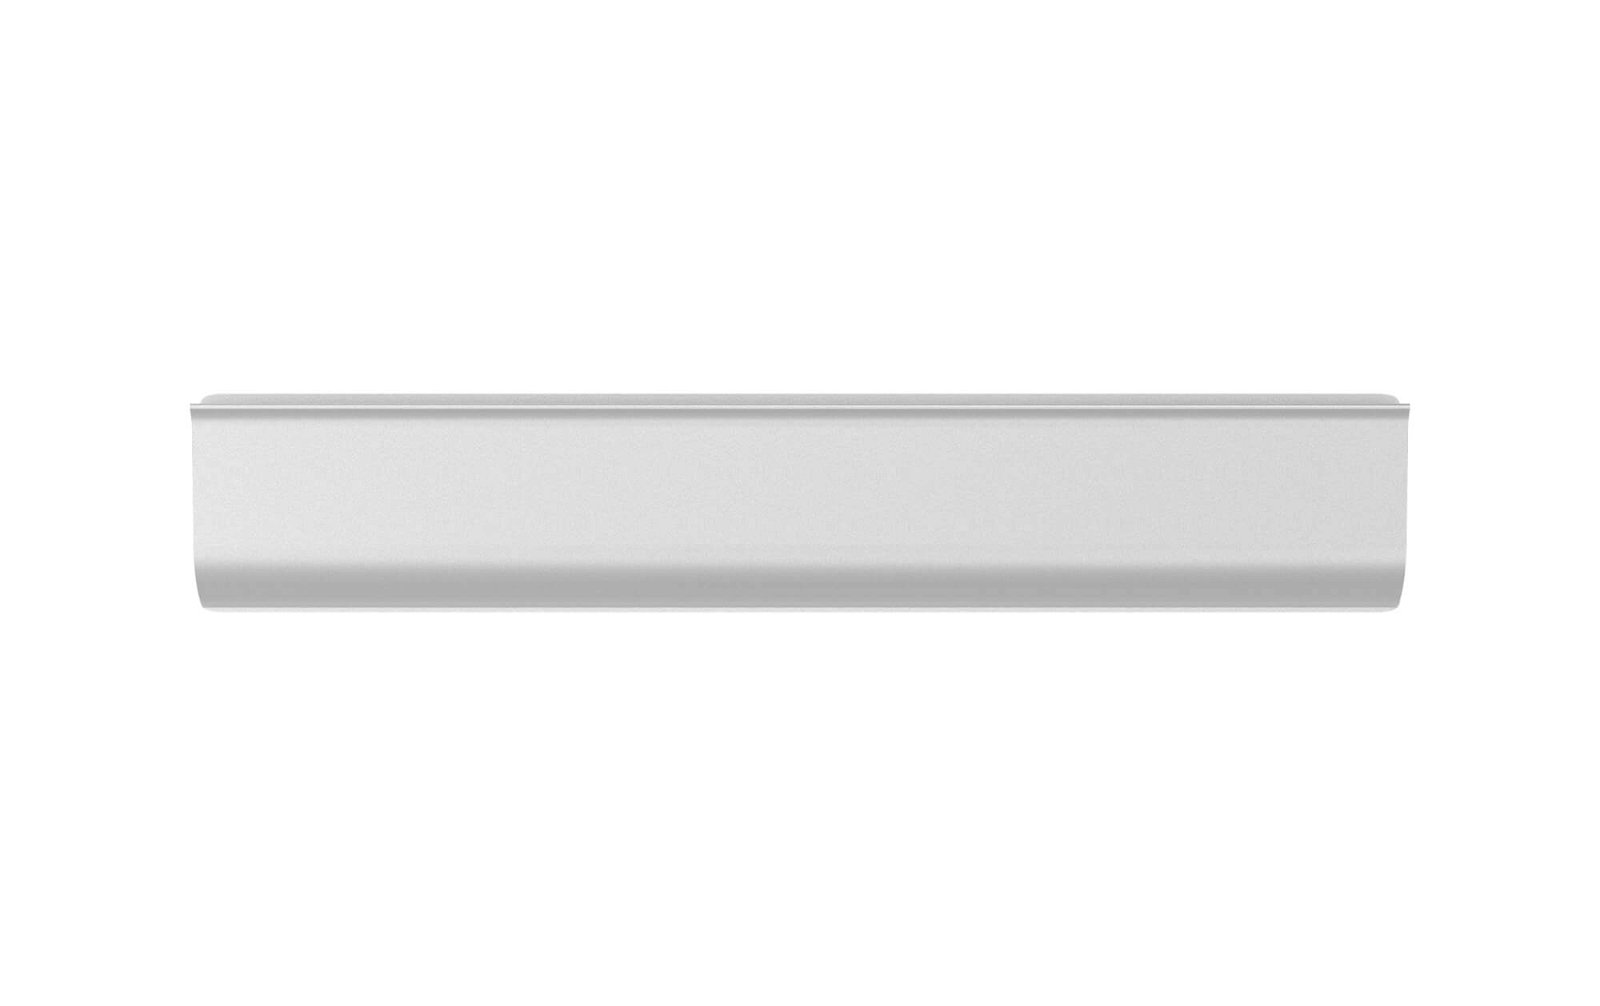 Klemmleiste Aluminium, Länge 21,8 cm, aluminium